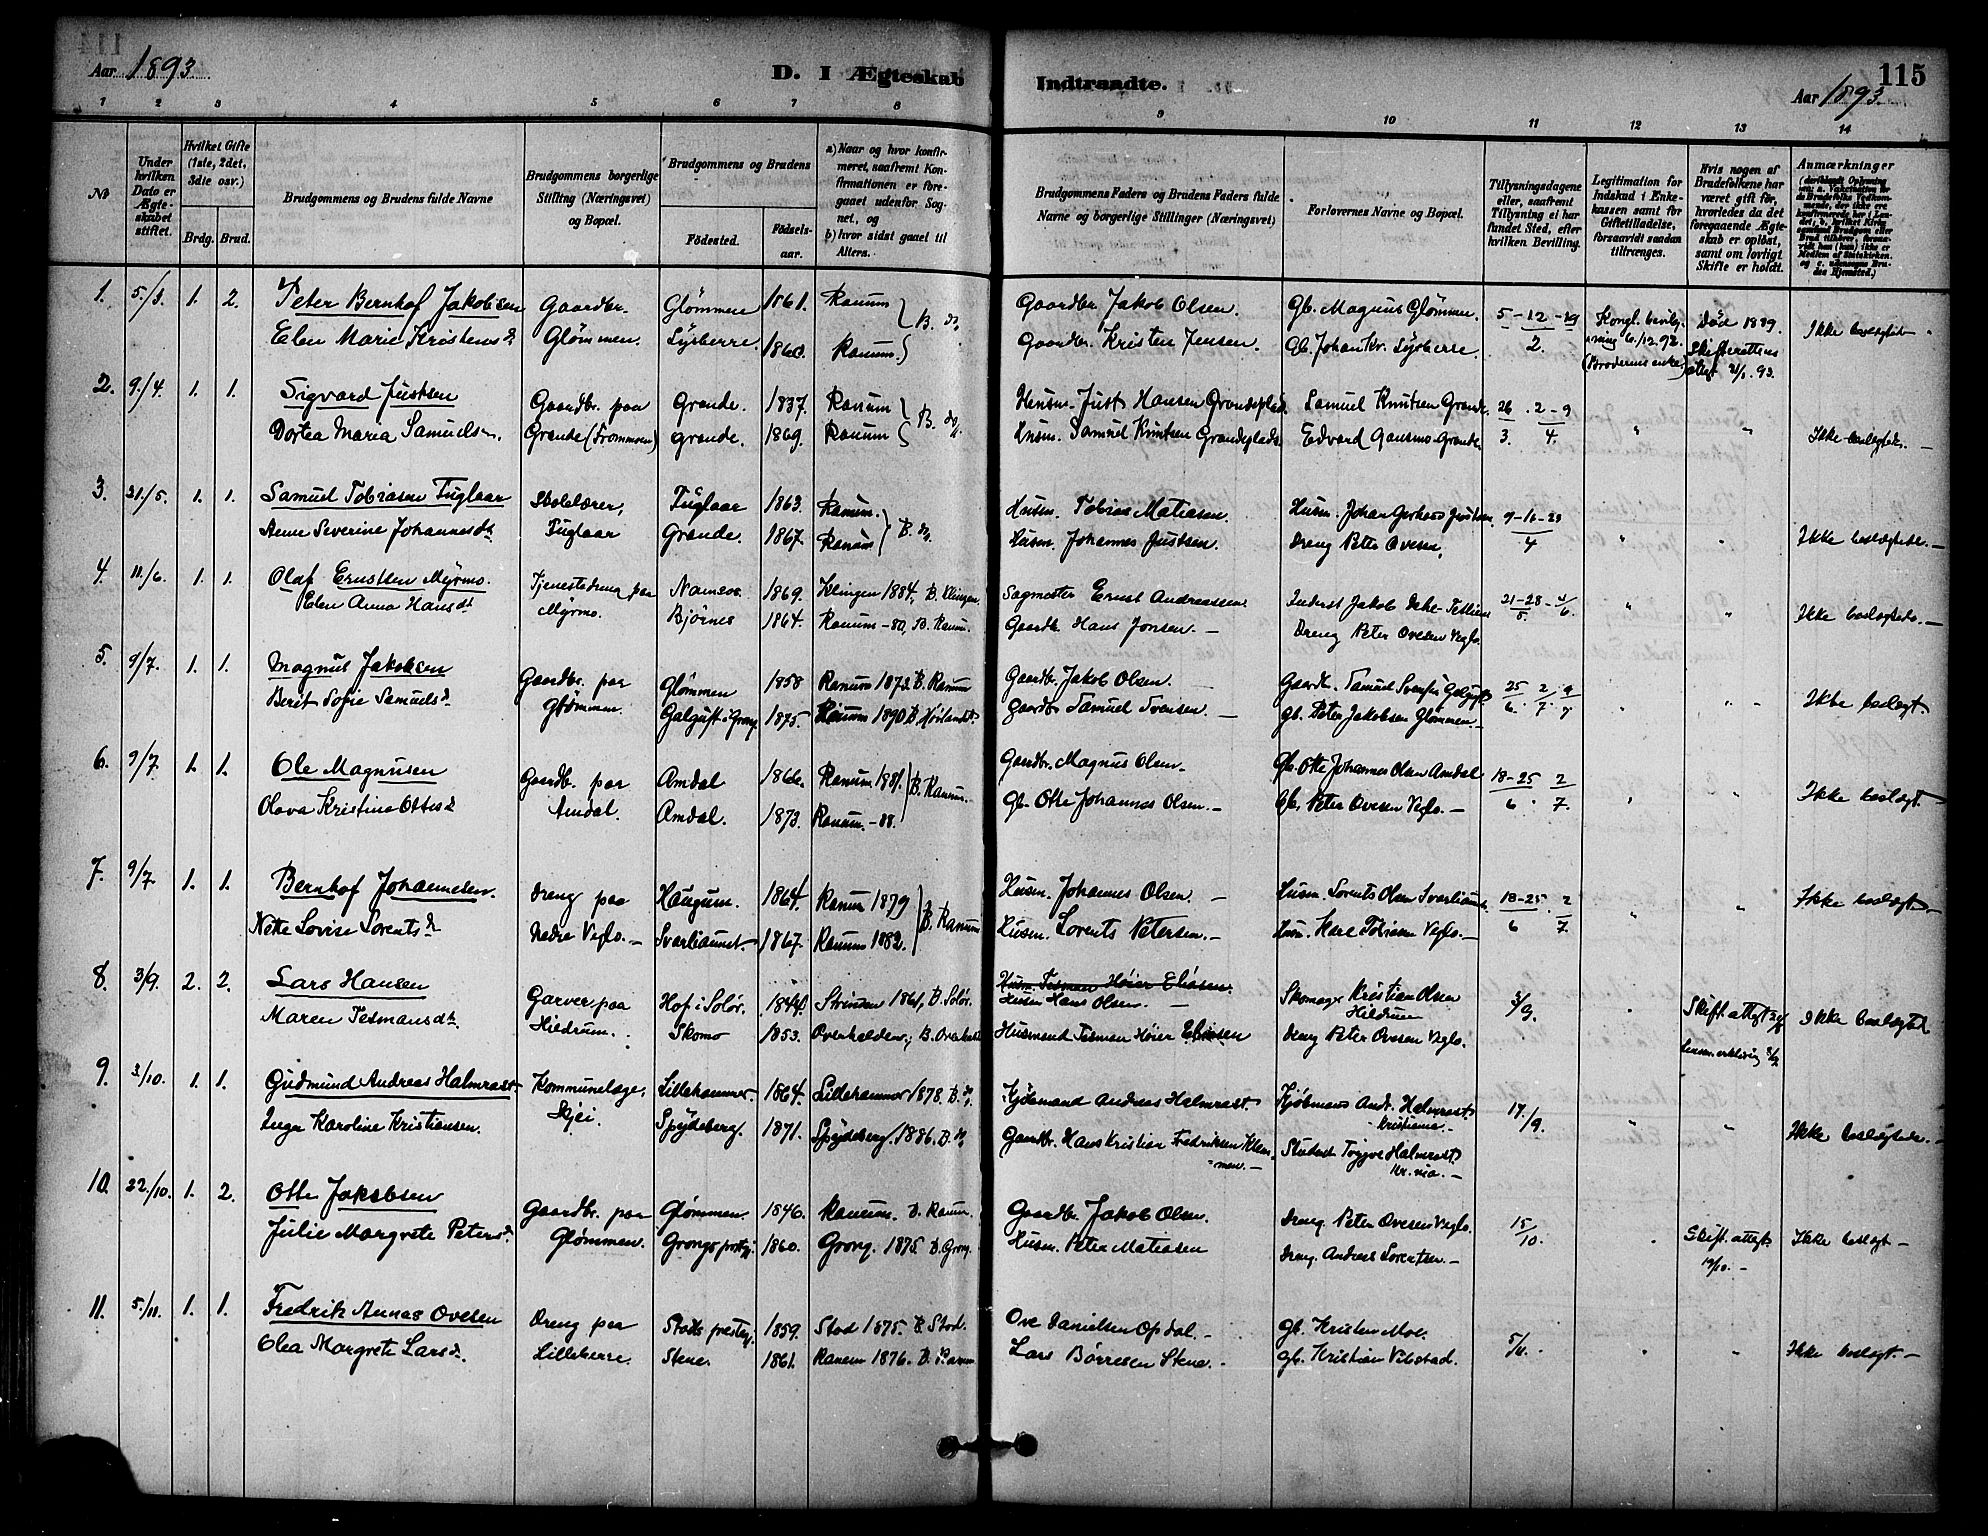 SAT, Ministerialprotokoller, klokkerbøker og fødselsregistre - Nord-Trøndelag, 764/L0555: Ministerialbok nr. 764A10, 1881-1896, s. 115